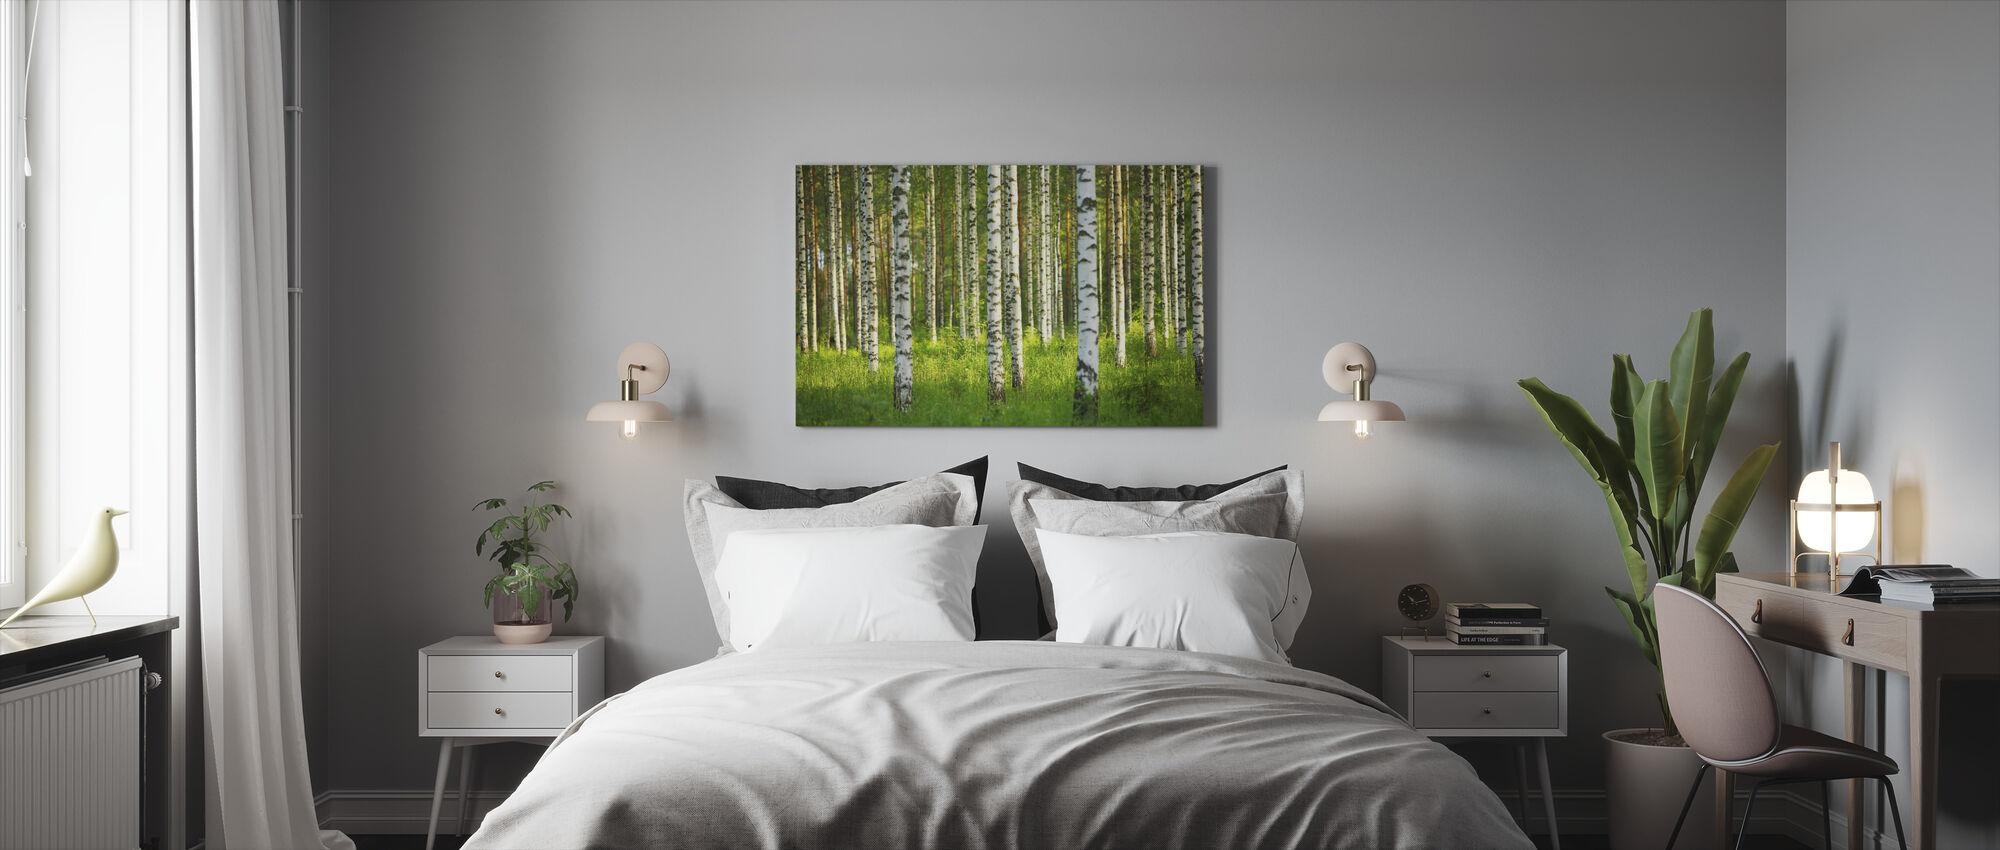 Koivunmetsä - Canvastaulu - Makuuhuone